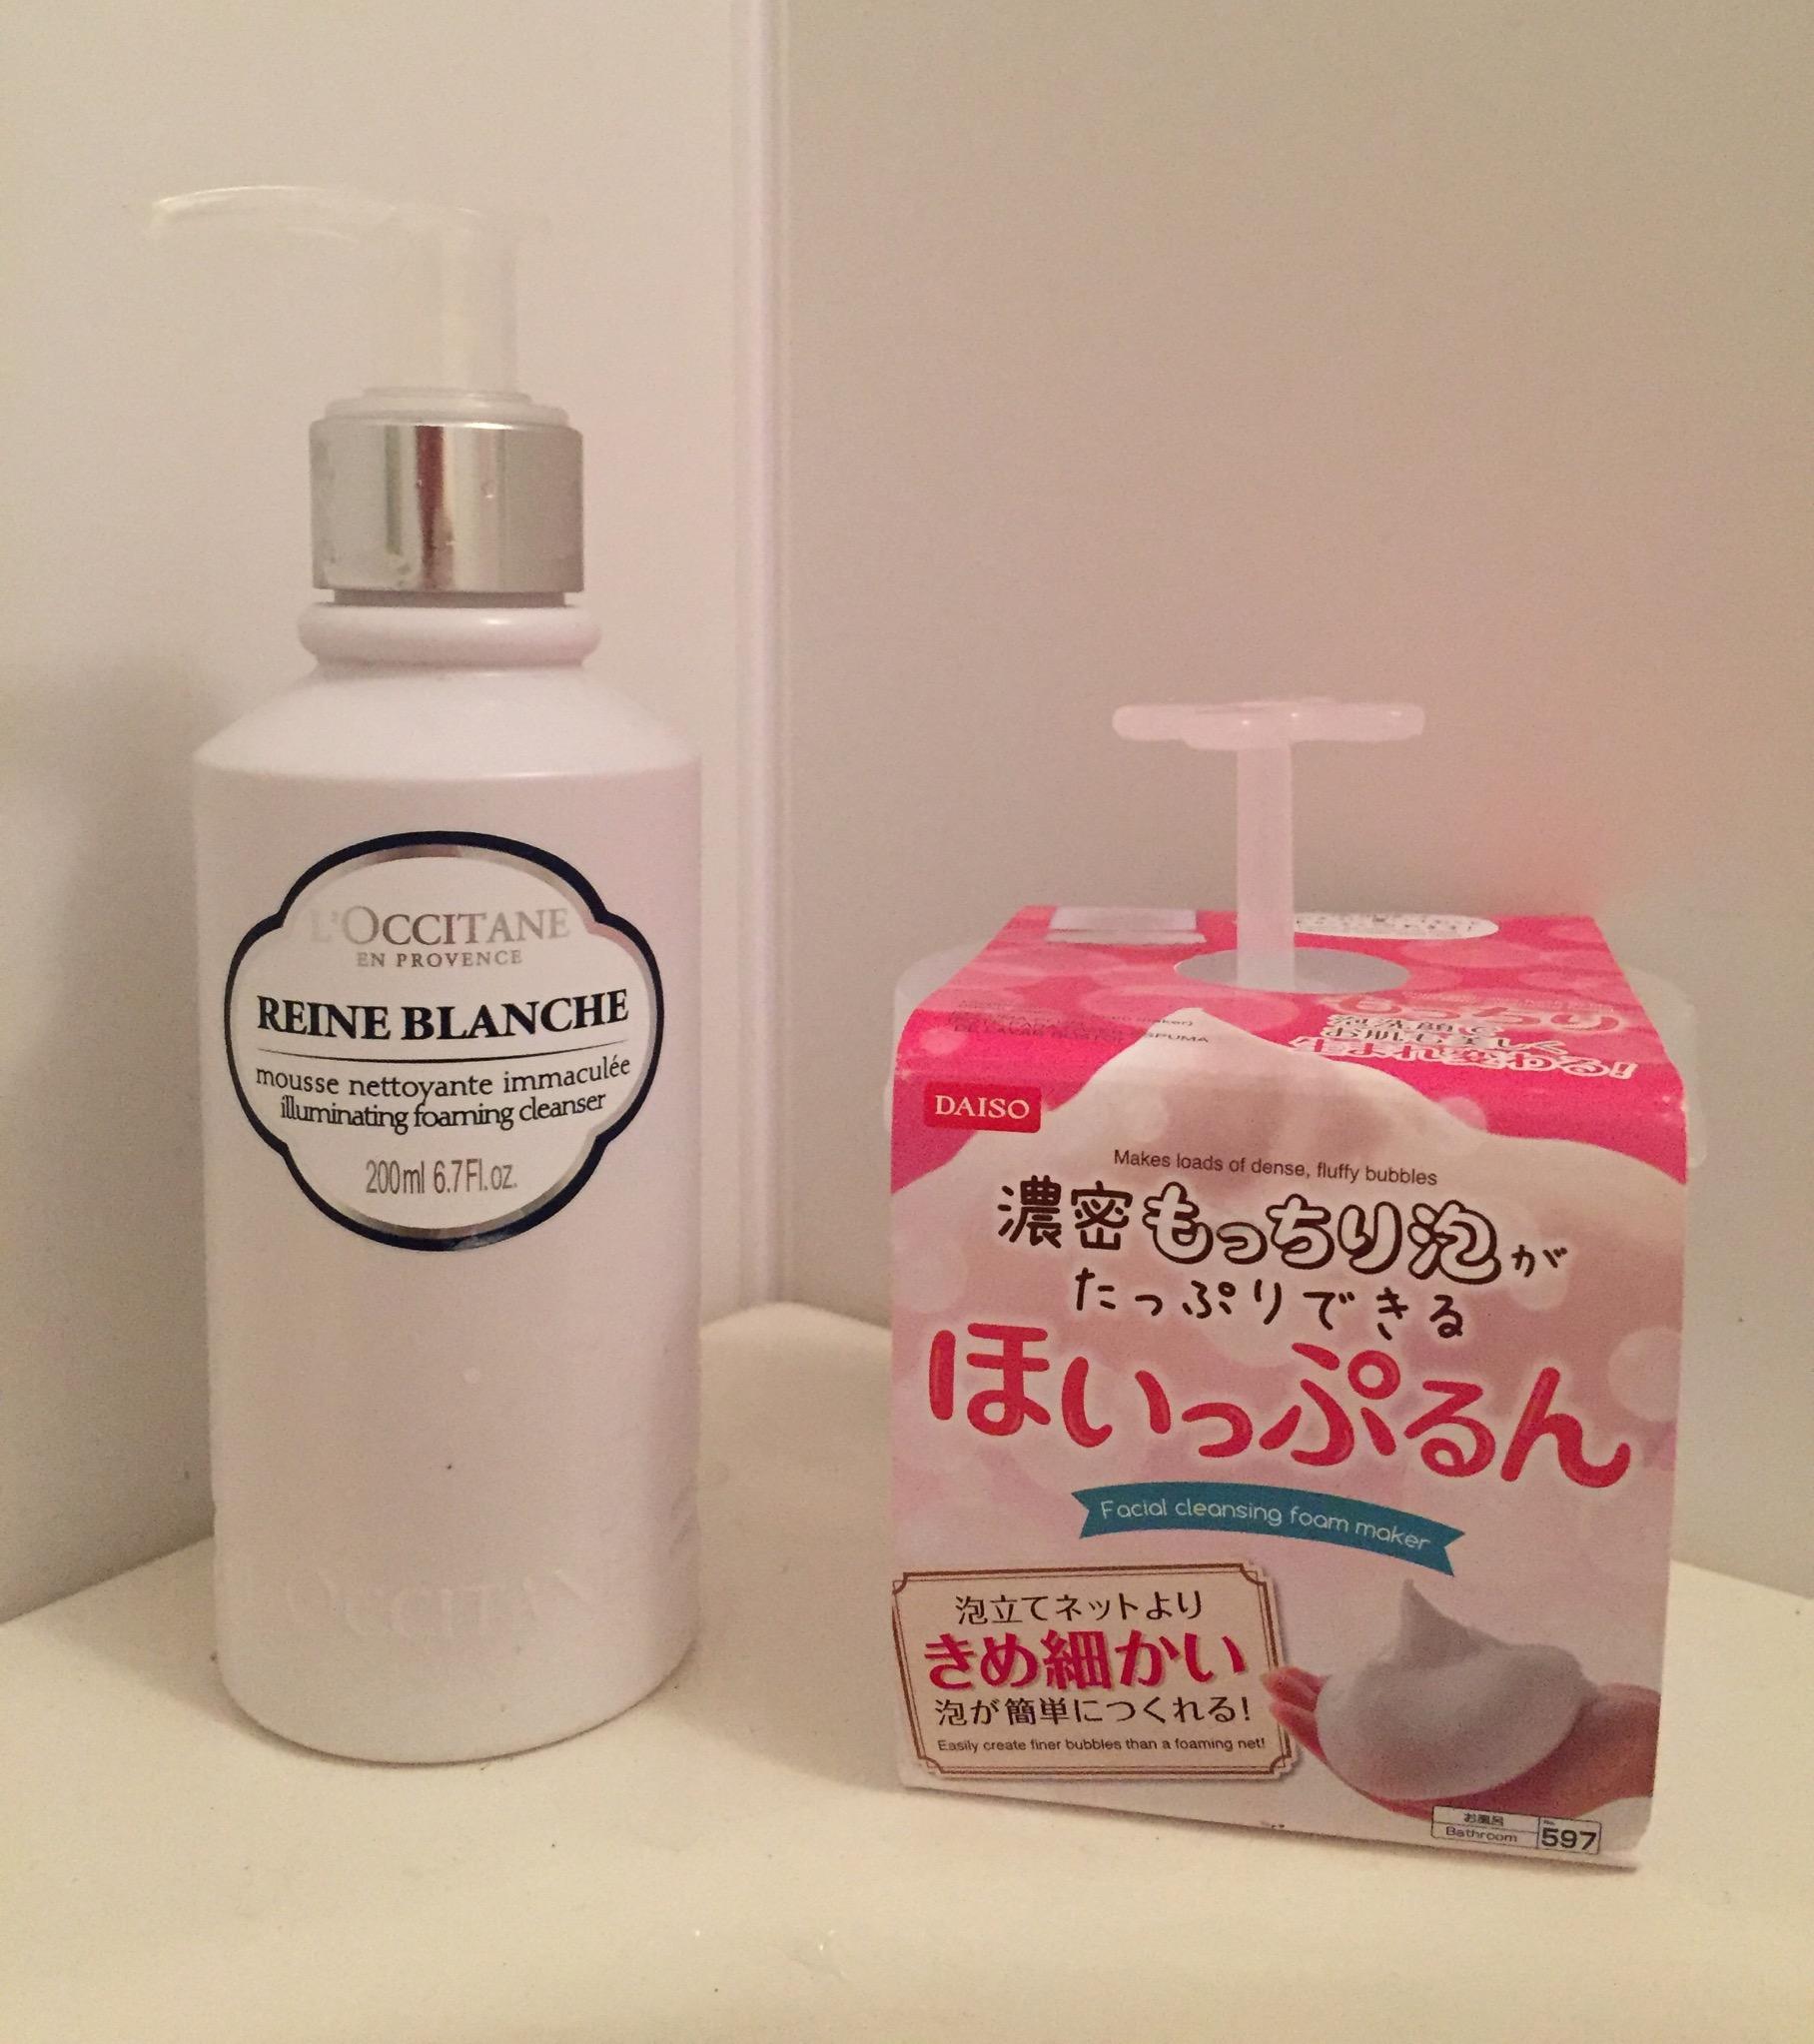 まるでCMみたい!!100円でホイップクリームみたいな洗顔泡がつくれる♡_3